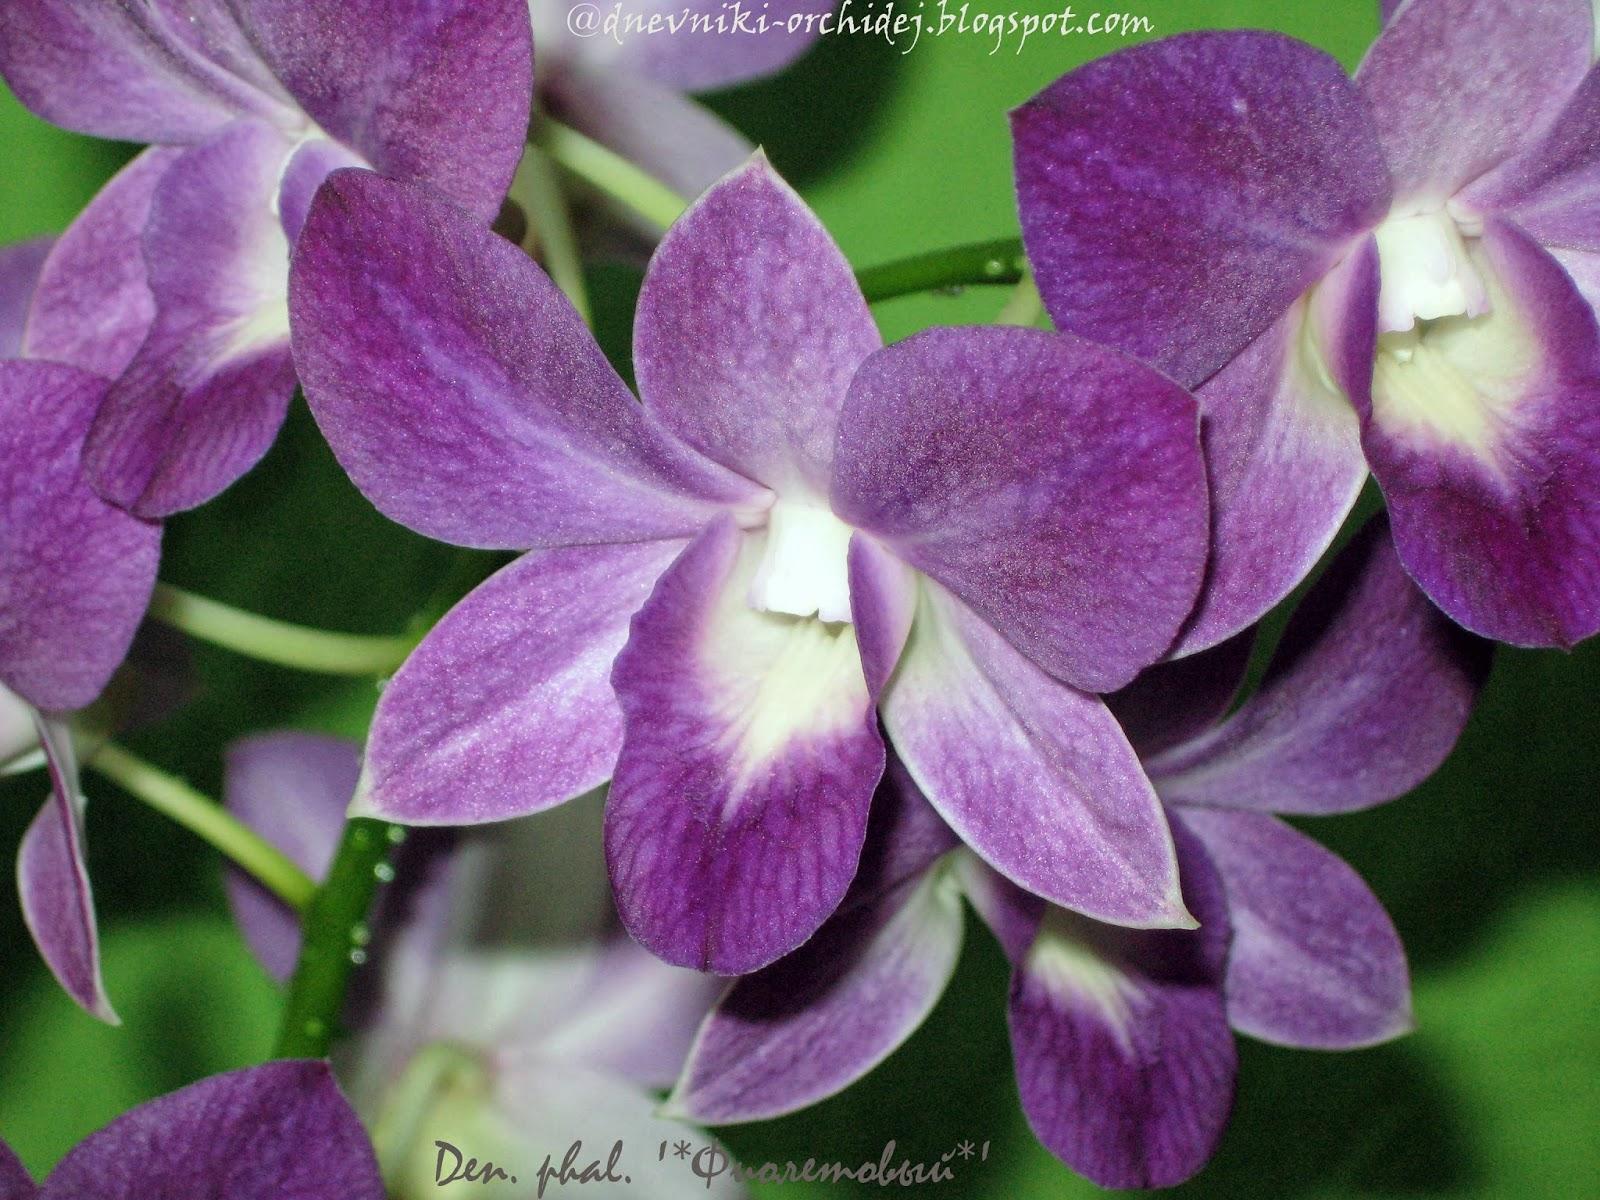 Цветочки дендробиума фаленопсиса Фиолетового поближе